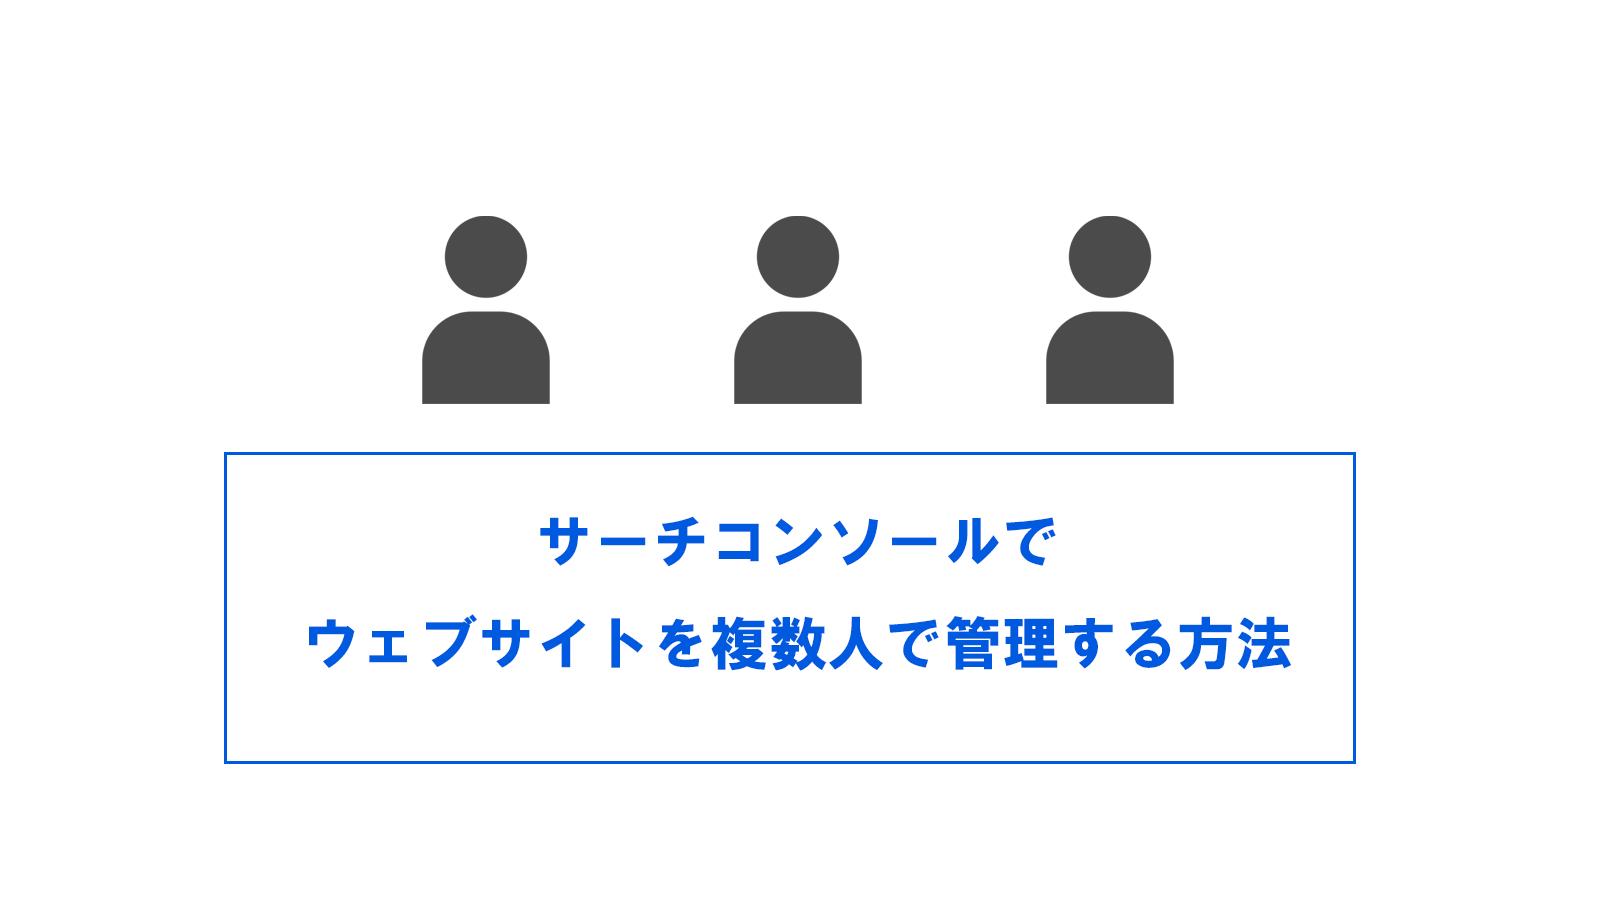 【2021年版】サーチコンソールを複数アカウント(複数人)で管理する方法